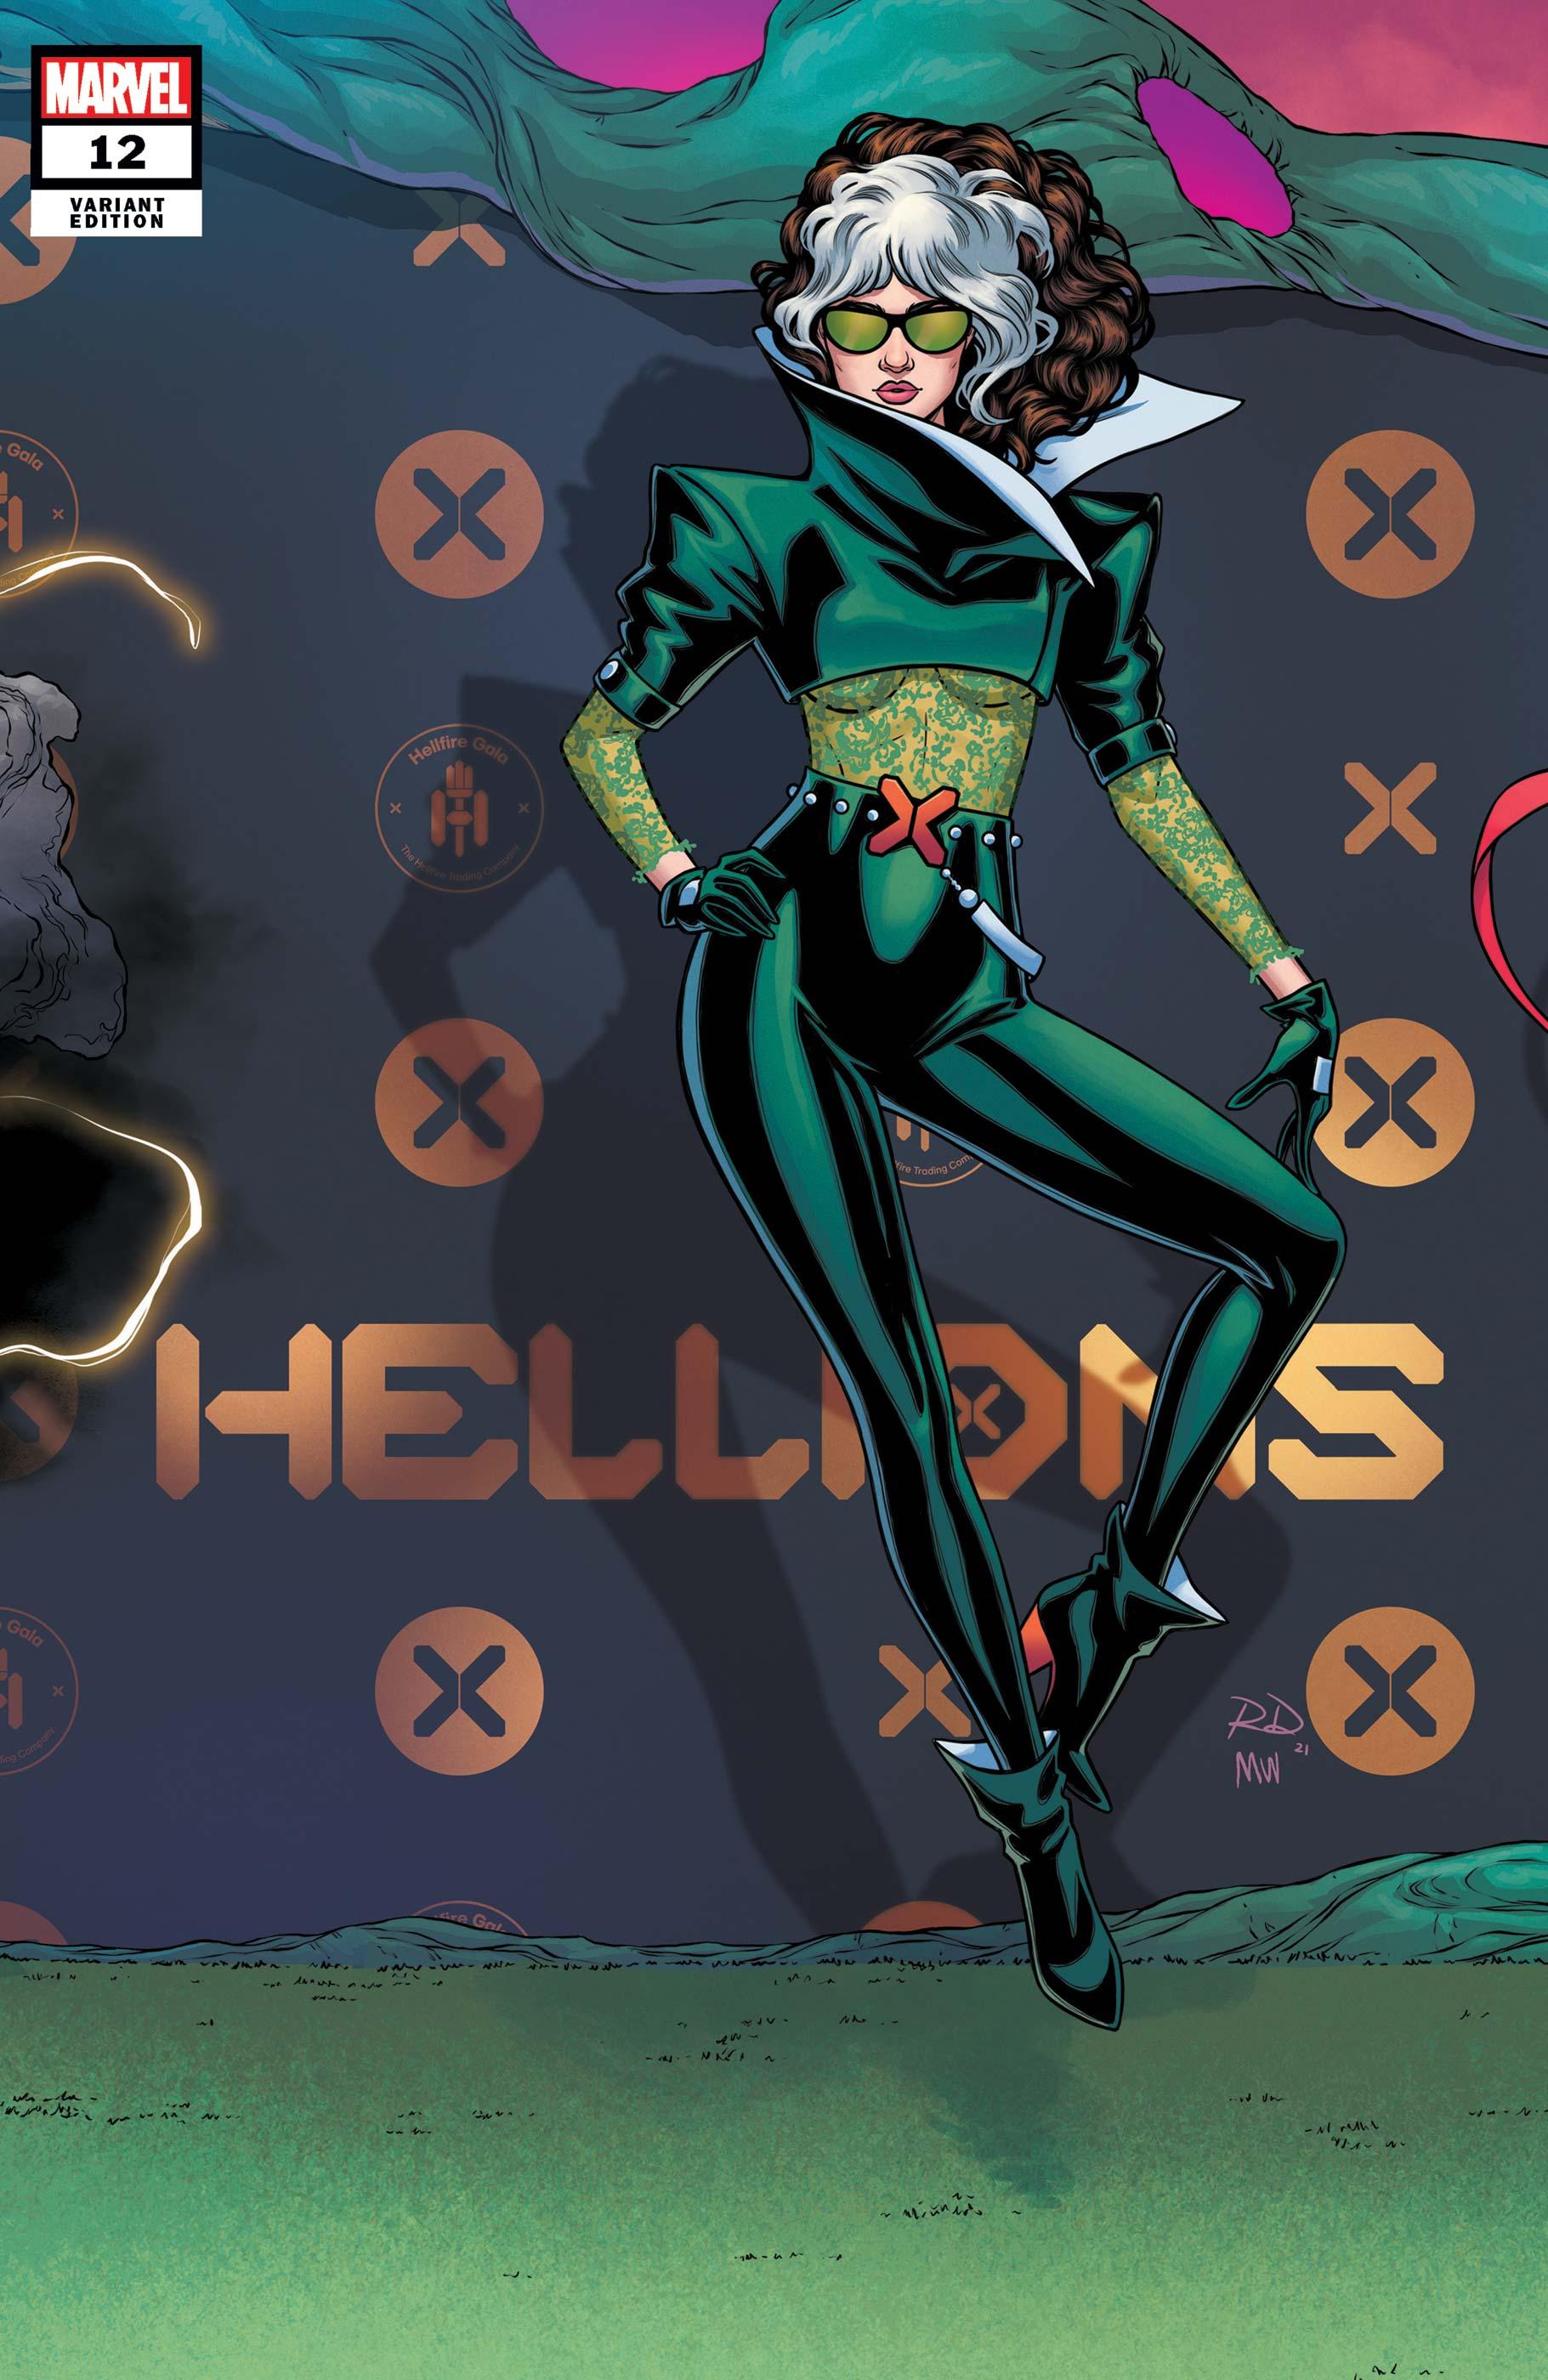 Hellions (2020) #12 (Variant)